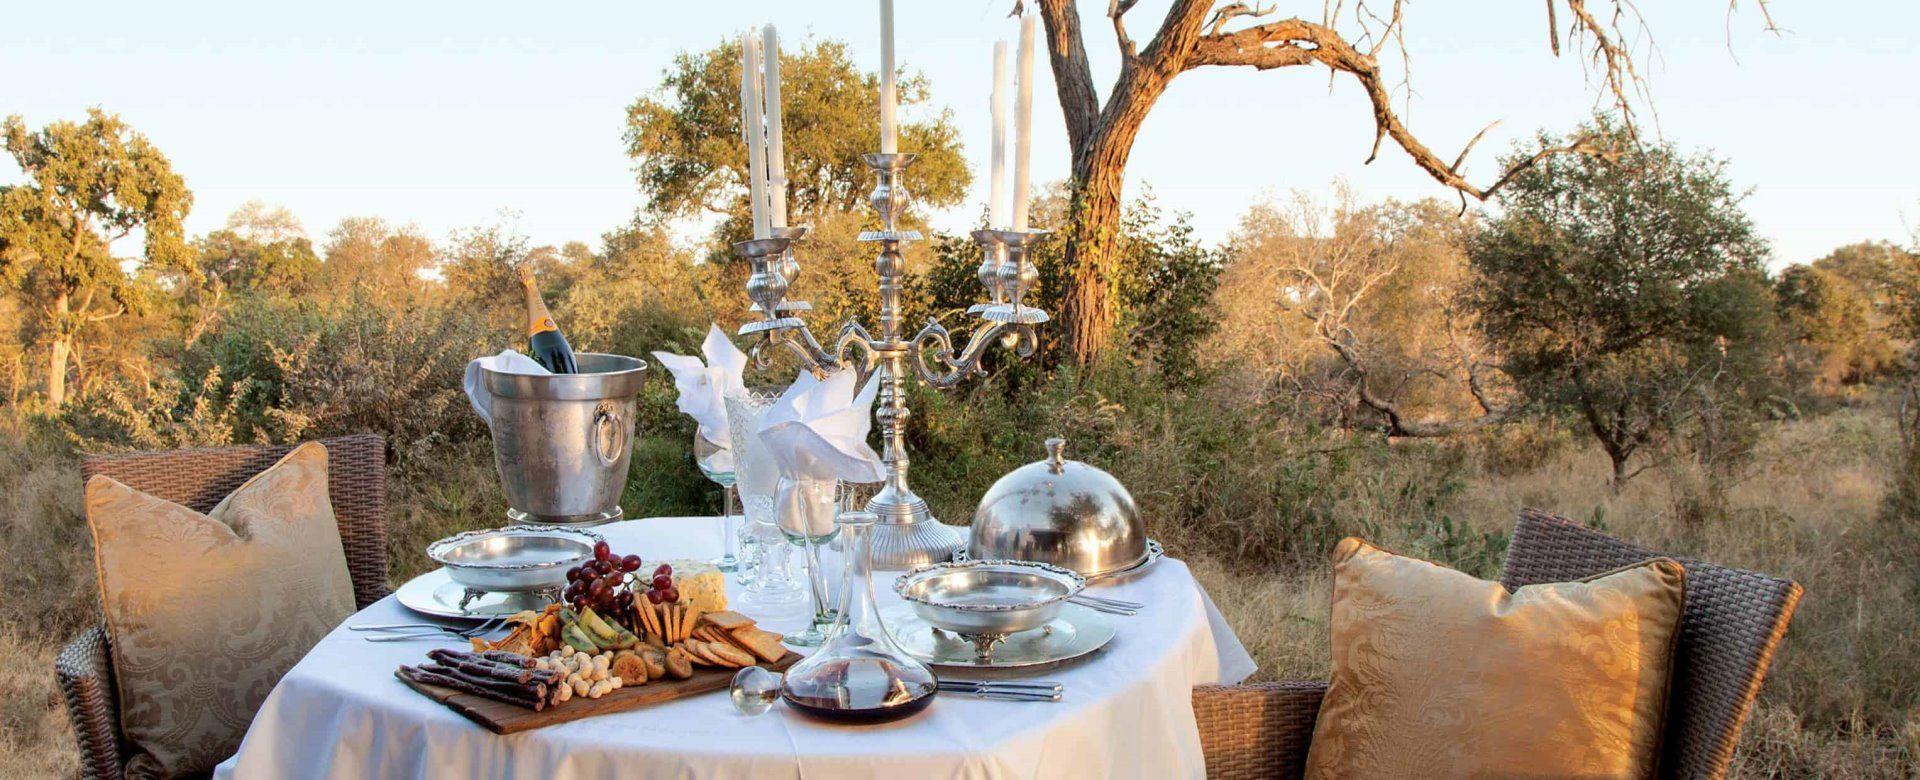 Exclusive Private Safaris - Dining